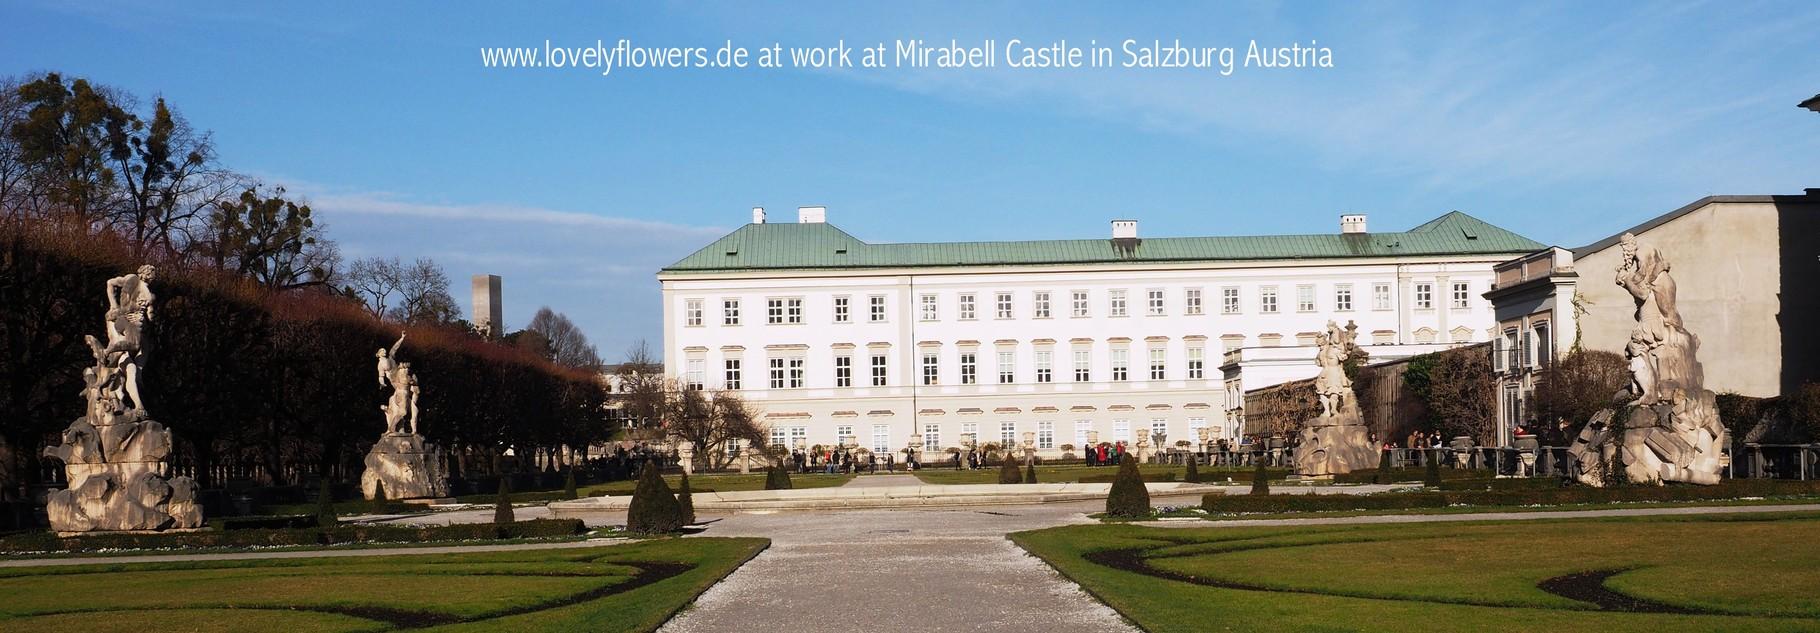 Paper-Art Brautstraußarbeiten durch www.lovelyflowers.de für eine wundervolle Winterhochzeit-Trauung im Schloss  Mirabell/Salzburg/Österreich